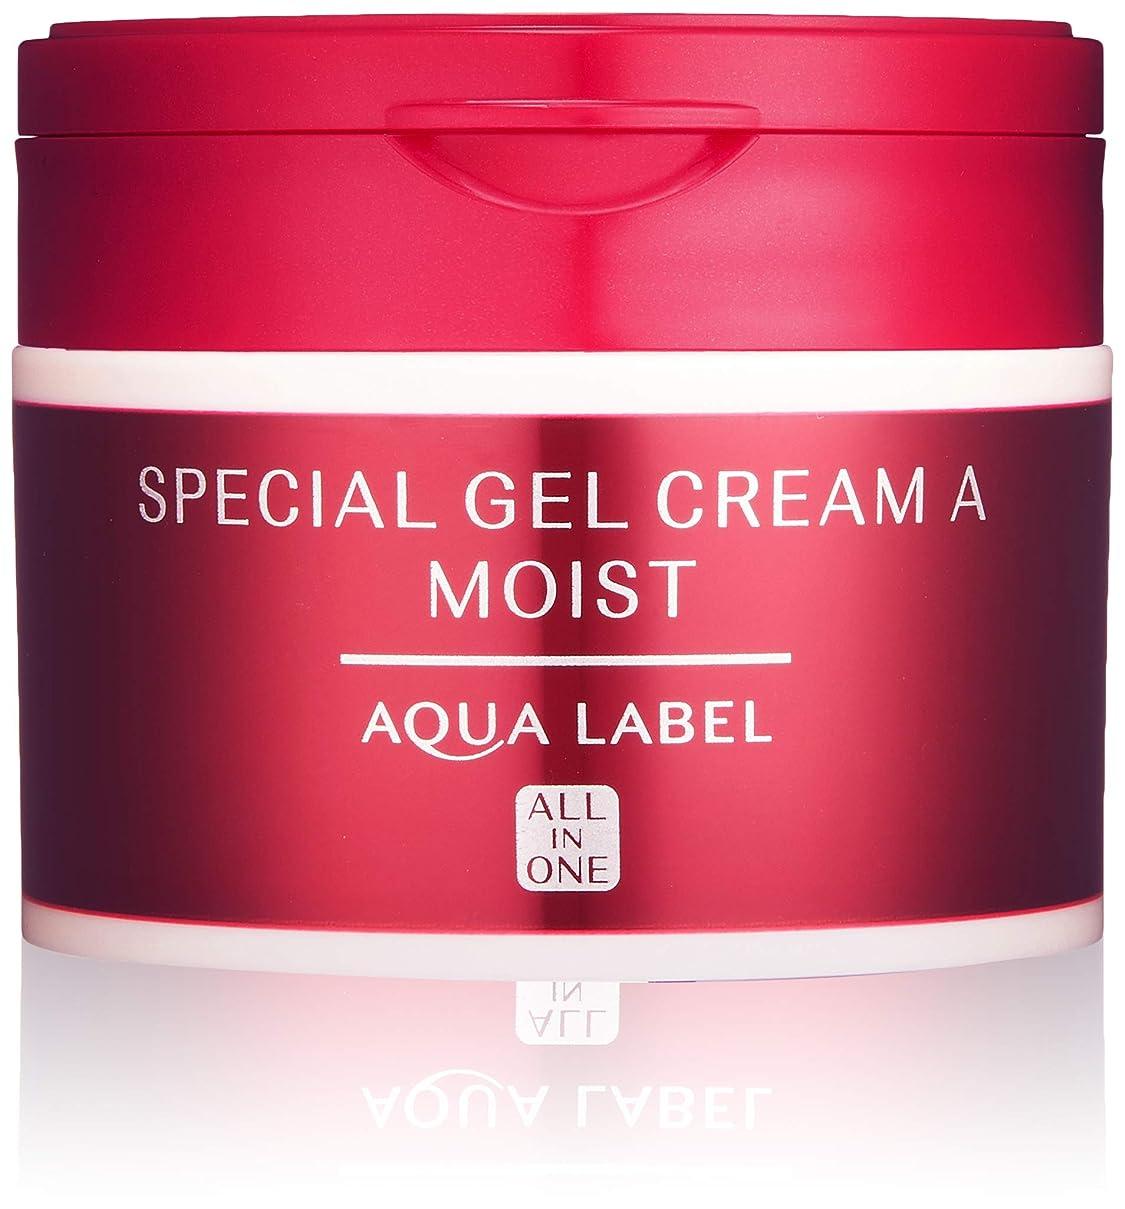 好意普通の期待してAQUALABEL(アクアレーベル) アクアレーベル スペシャルジェルクリームA (モイスト) ハーバルローズの優しい香り 単品 90g